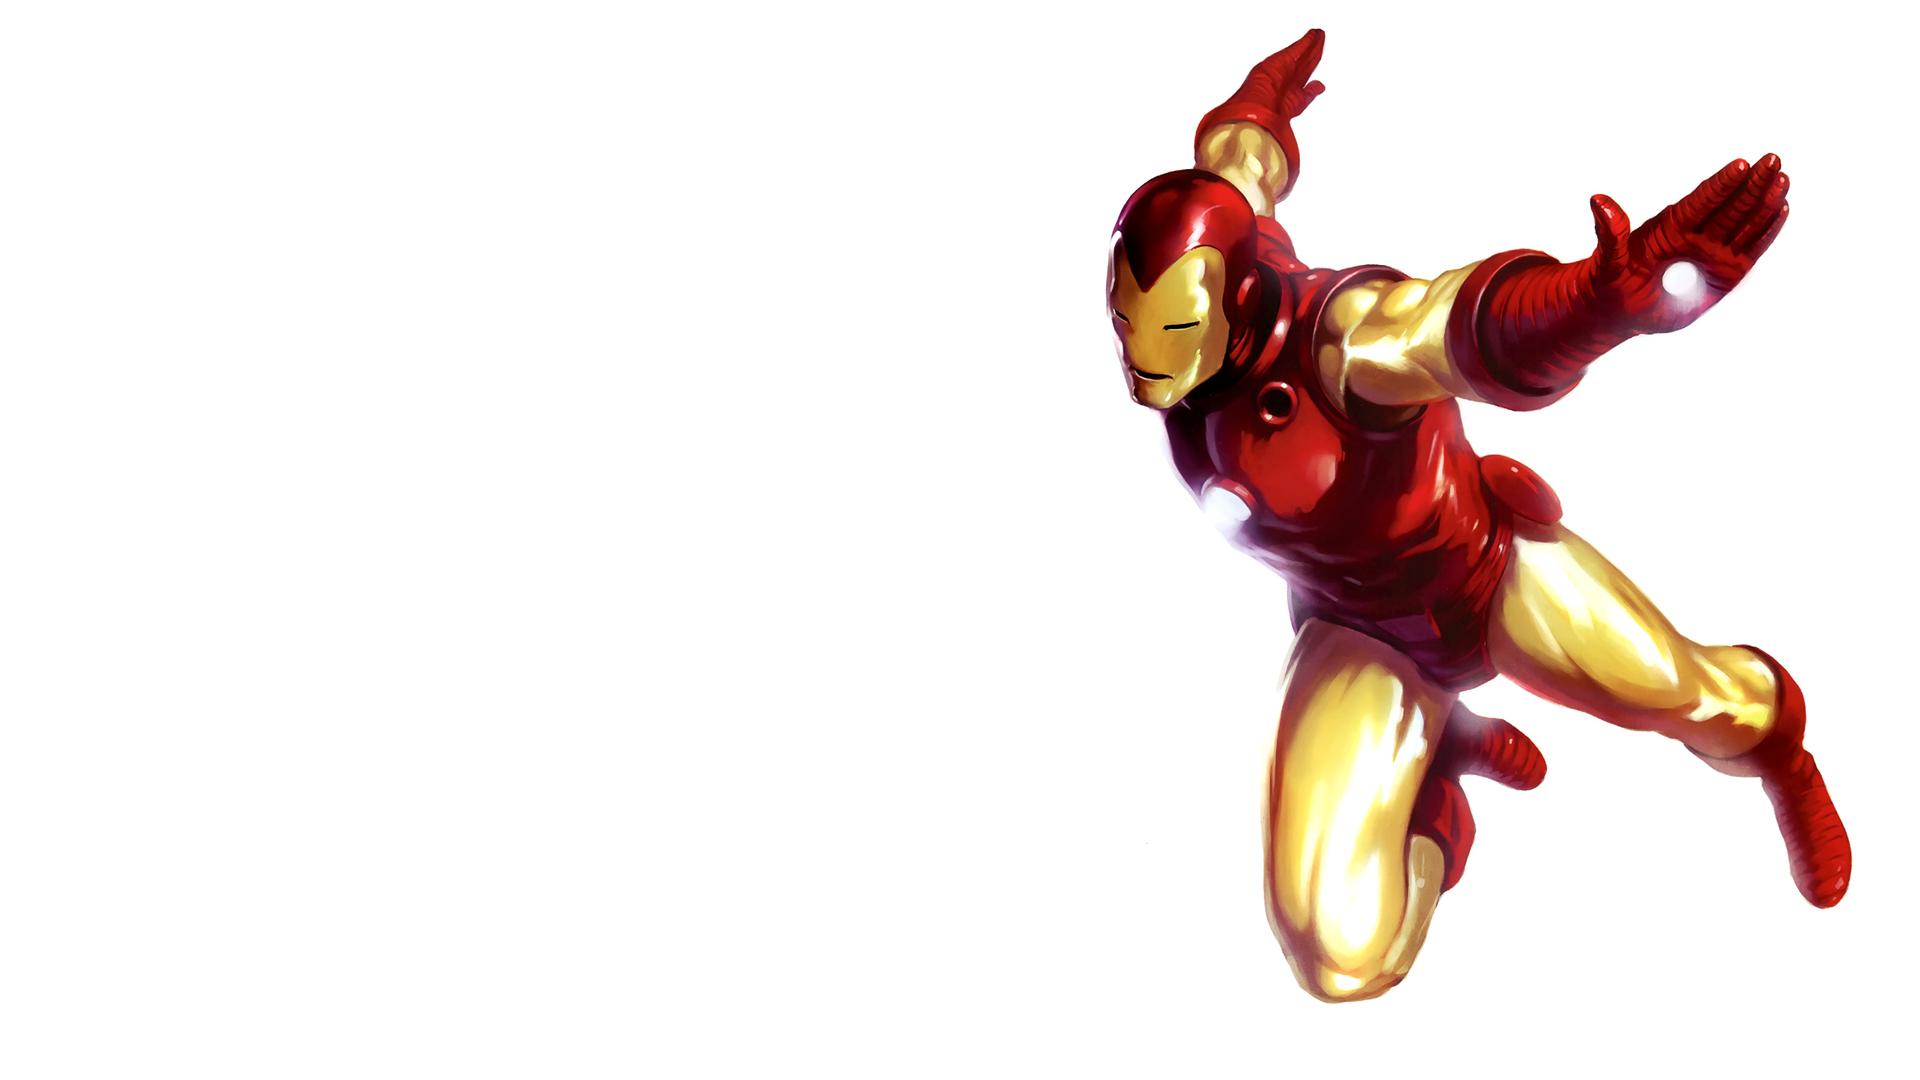 Iron man sfondi per pc 1920x1080 id 586414 for Sfondi iron man